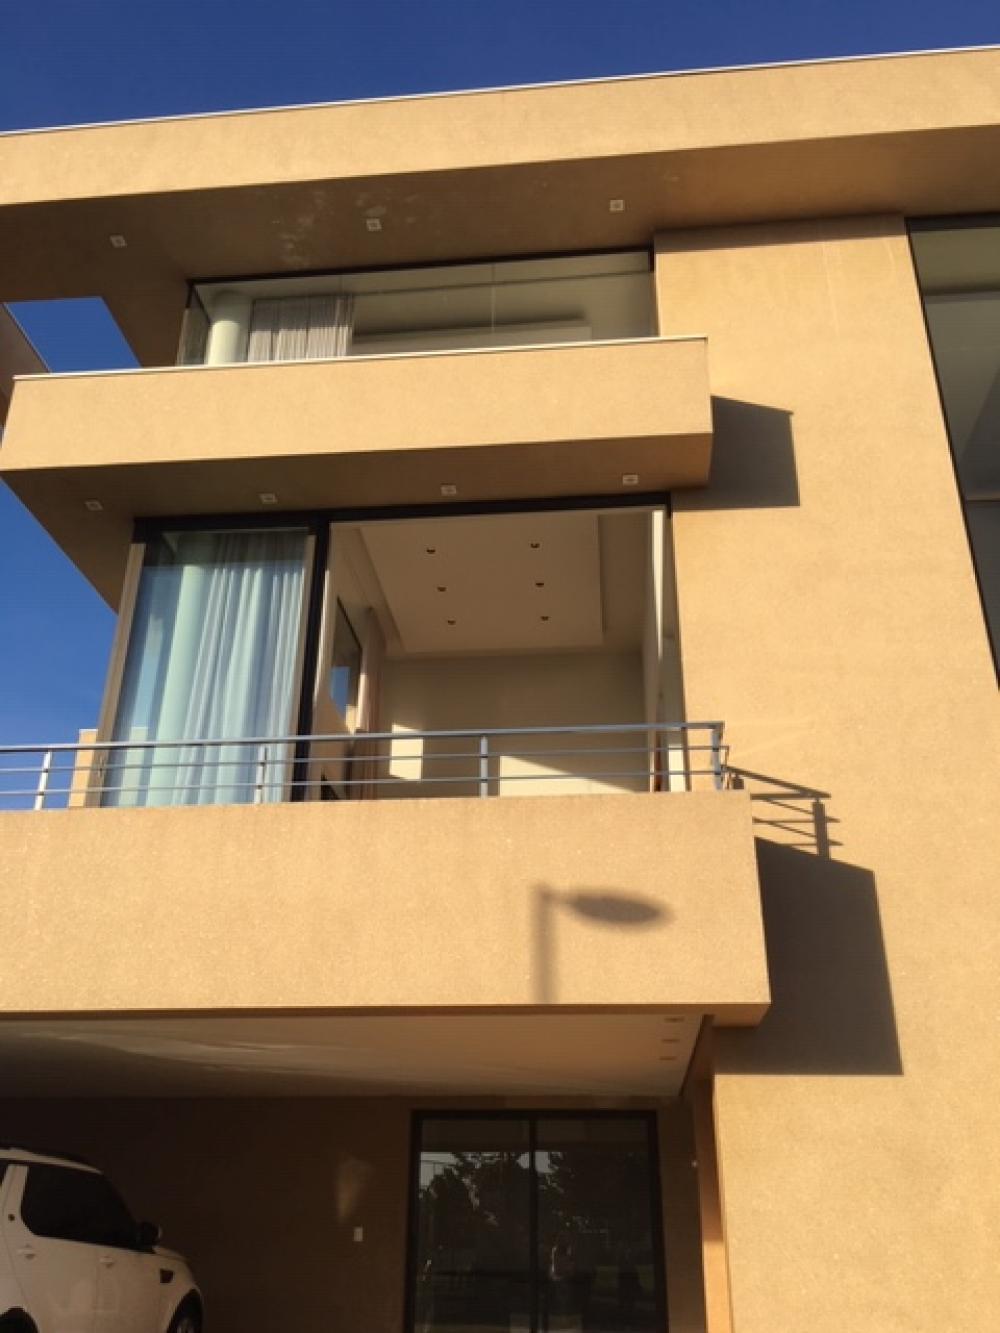 SAO JOSE DO RIO PRETO Casa Venda R$2.500.000,00 Condominio R$800,00 3 Dormitorios 1 Suite Area do terreno 448.00m2 Area construida 330.00m2